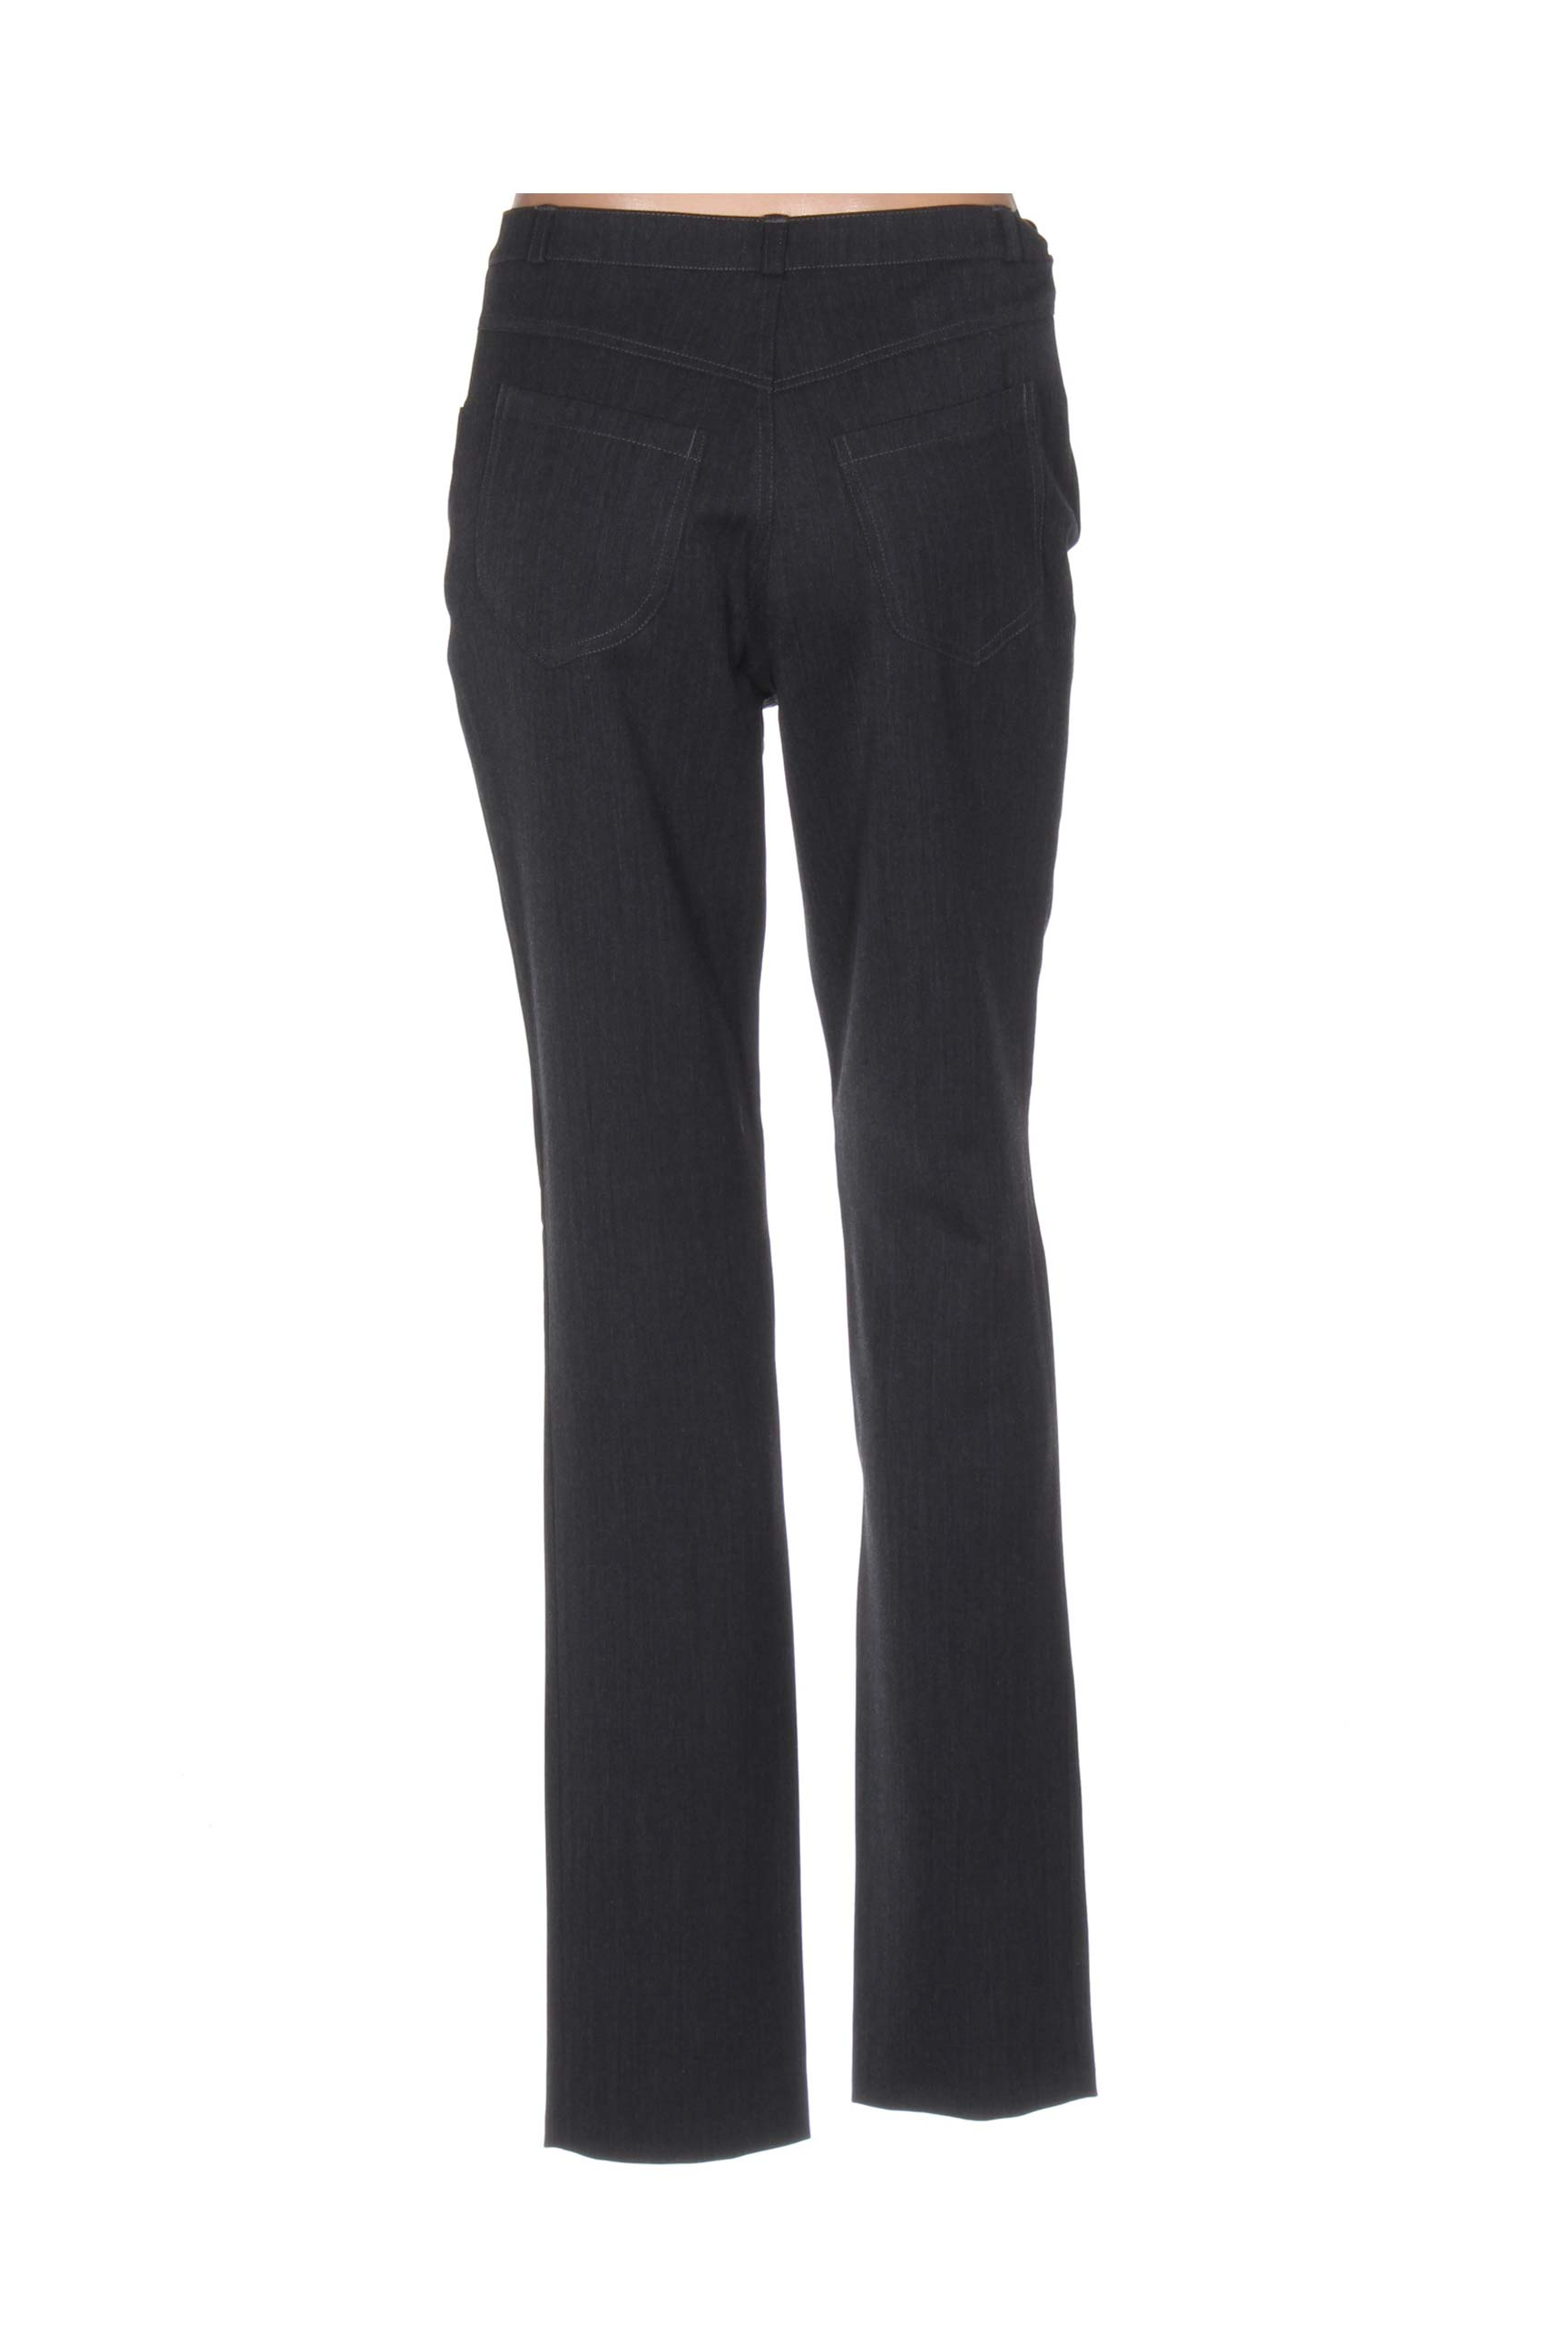 Quattro Pantalons Decontractes Femme De Couleur Gris En Soldes Pas Cher 1171401-gris00